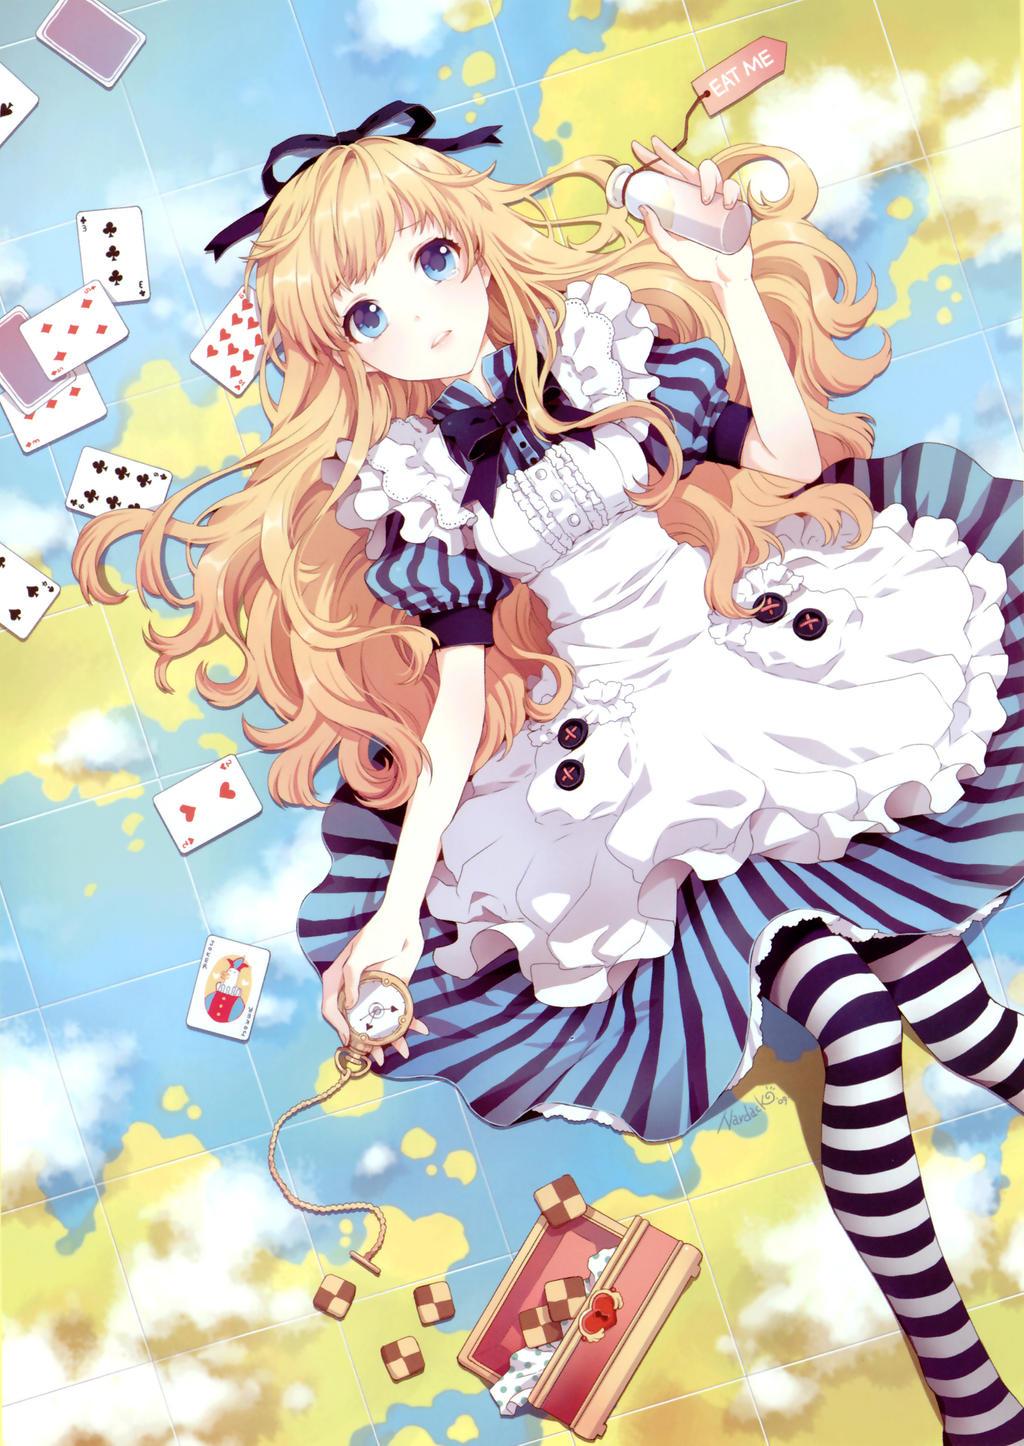 alice in wonderland anime by sonicthehedgehog105 on DeviantArt